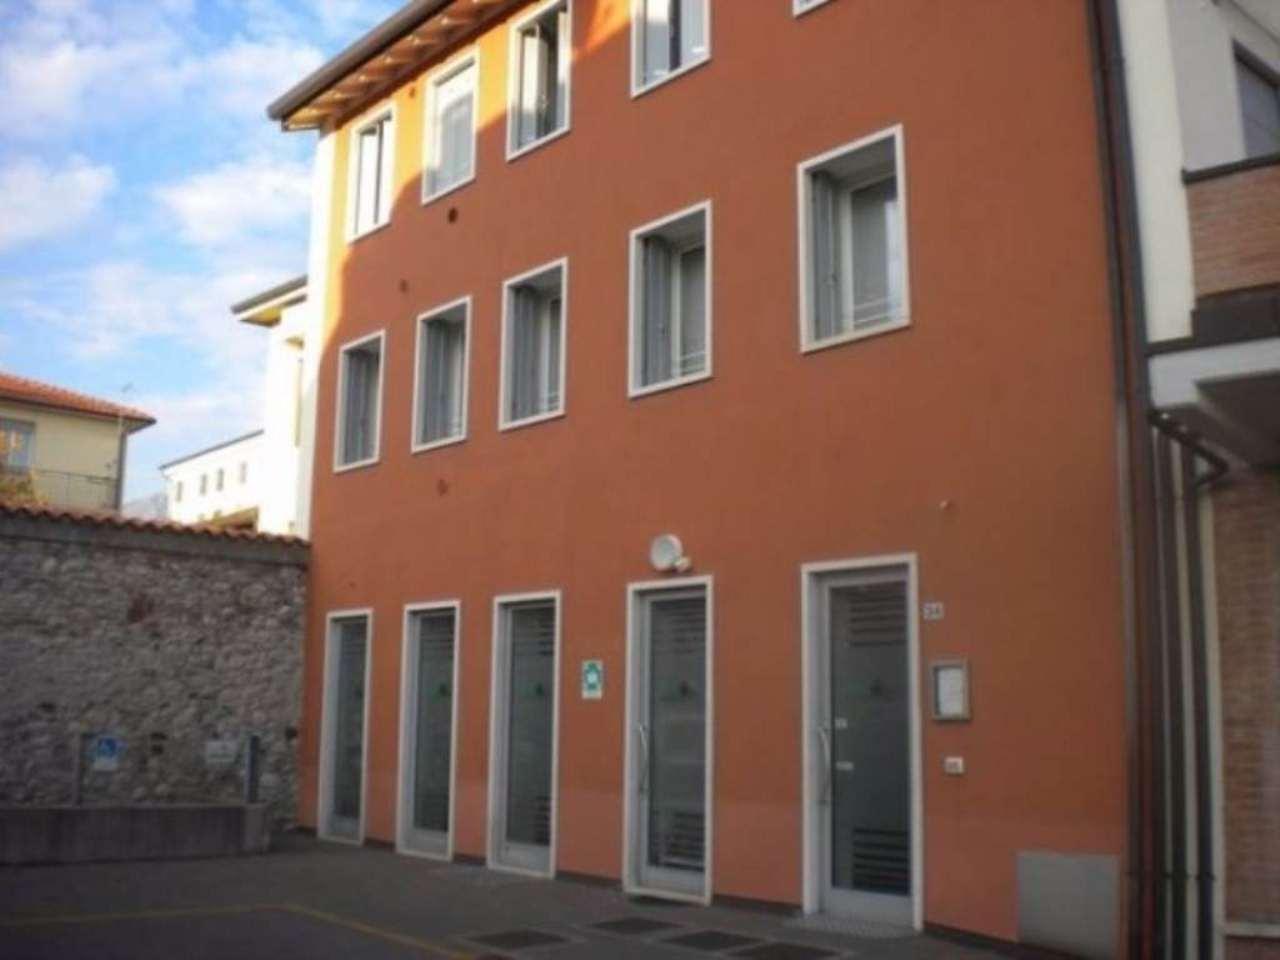 Ufficio / Studio in affitto a Schio, 4 locali, prezzo € 900 | Cambio Casa.it